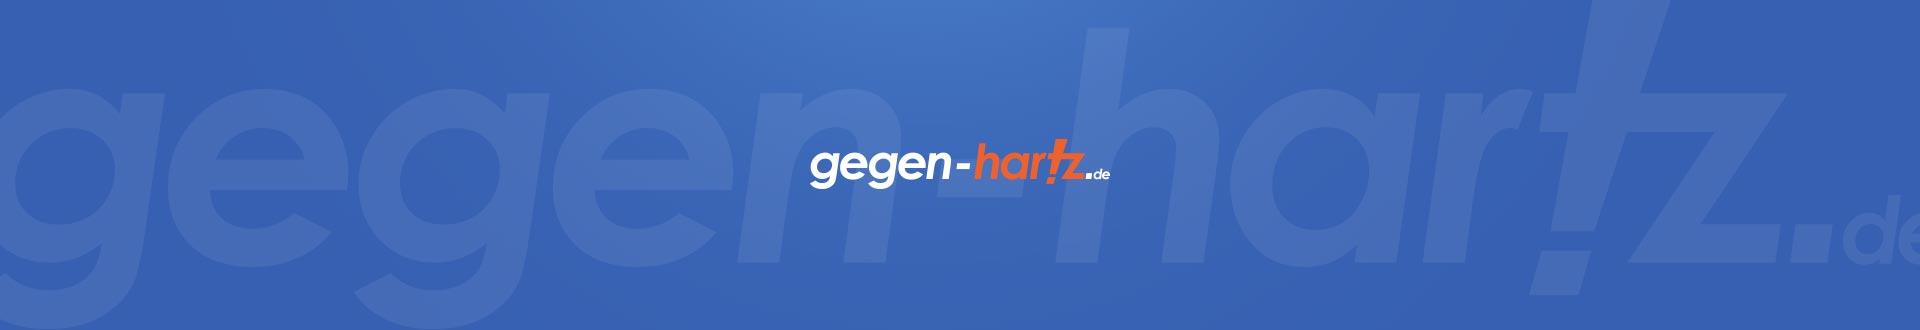 banner platzhalter gh - Hartz IV & Weihnachten